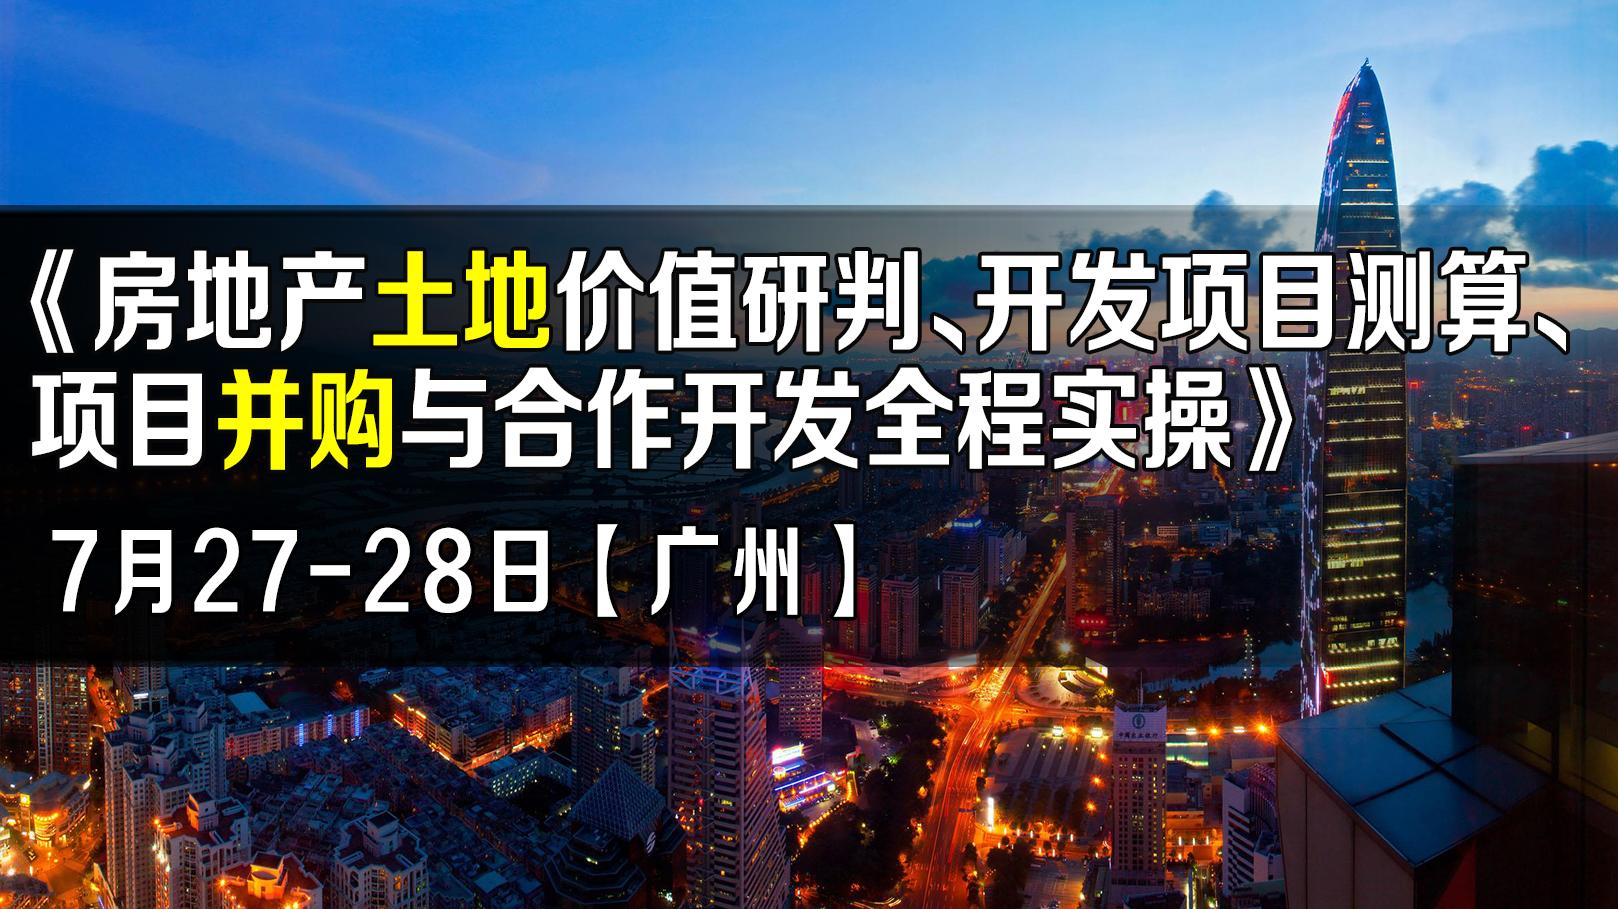 7月27-28日【广州】《房地产土地价值研判、开发项目测算、项目并购与合作开发全程实操》